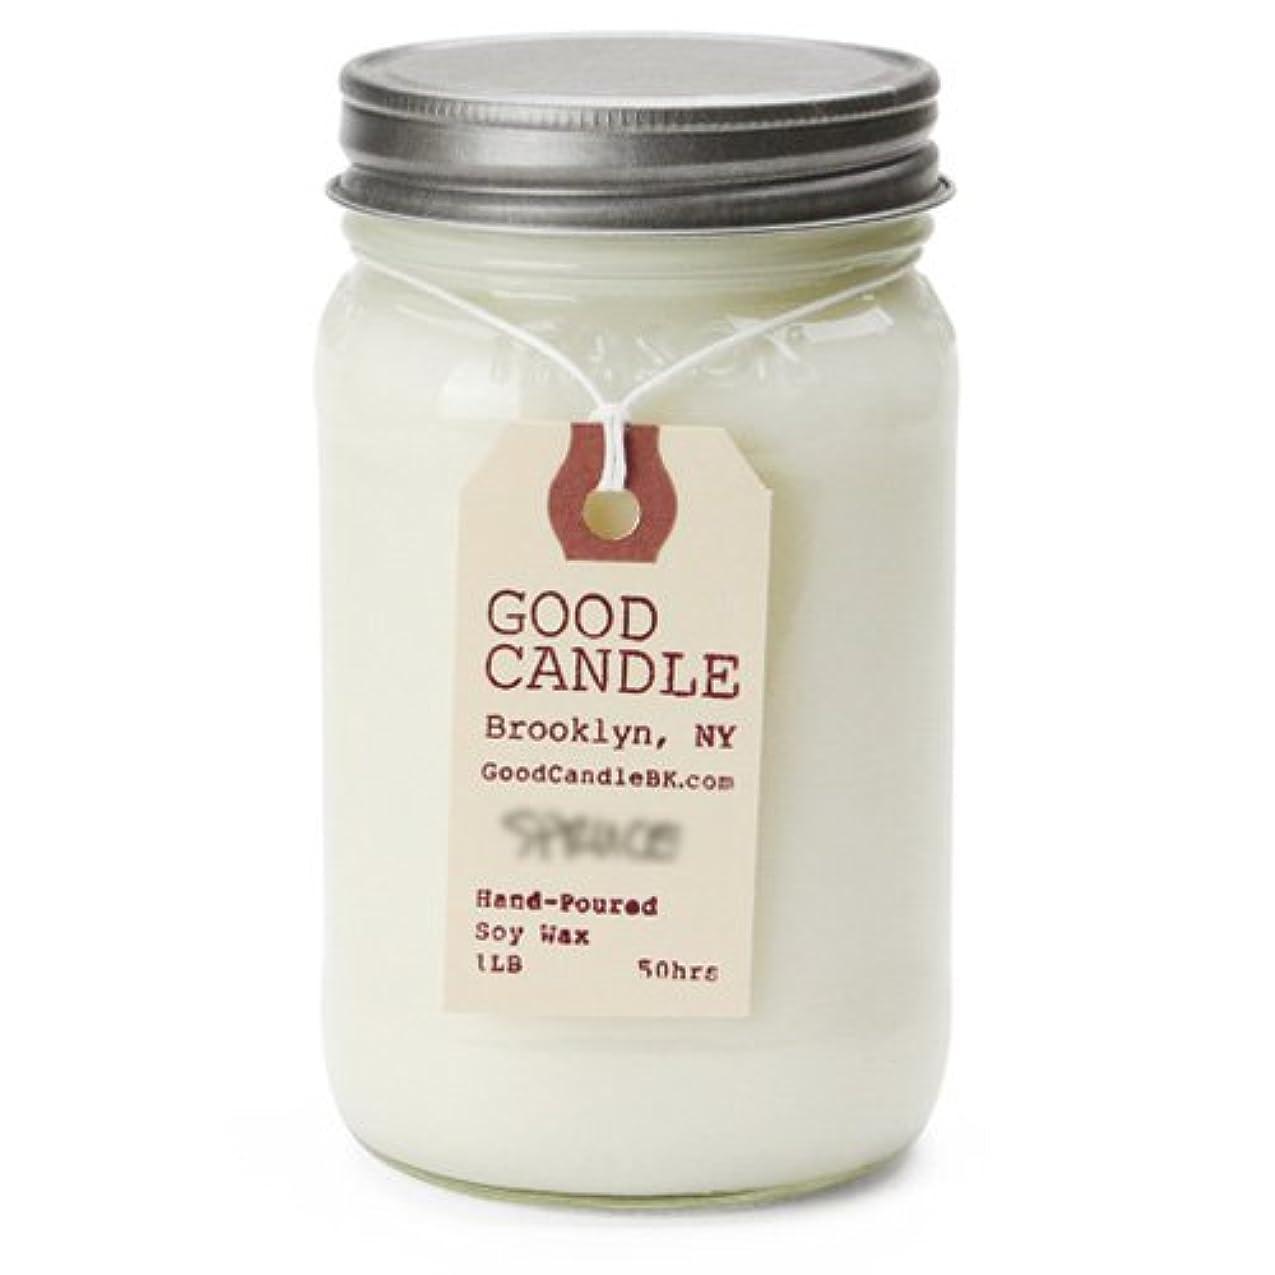 コード大宇宙公爵グッドキャンドル 1ポンド メイソンジャー キャンドル Good Candle 1LB Mason jar candle [ Fig ] 正規品